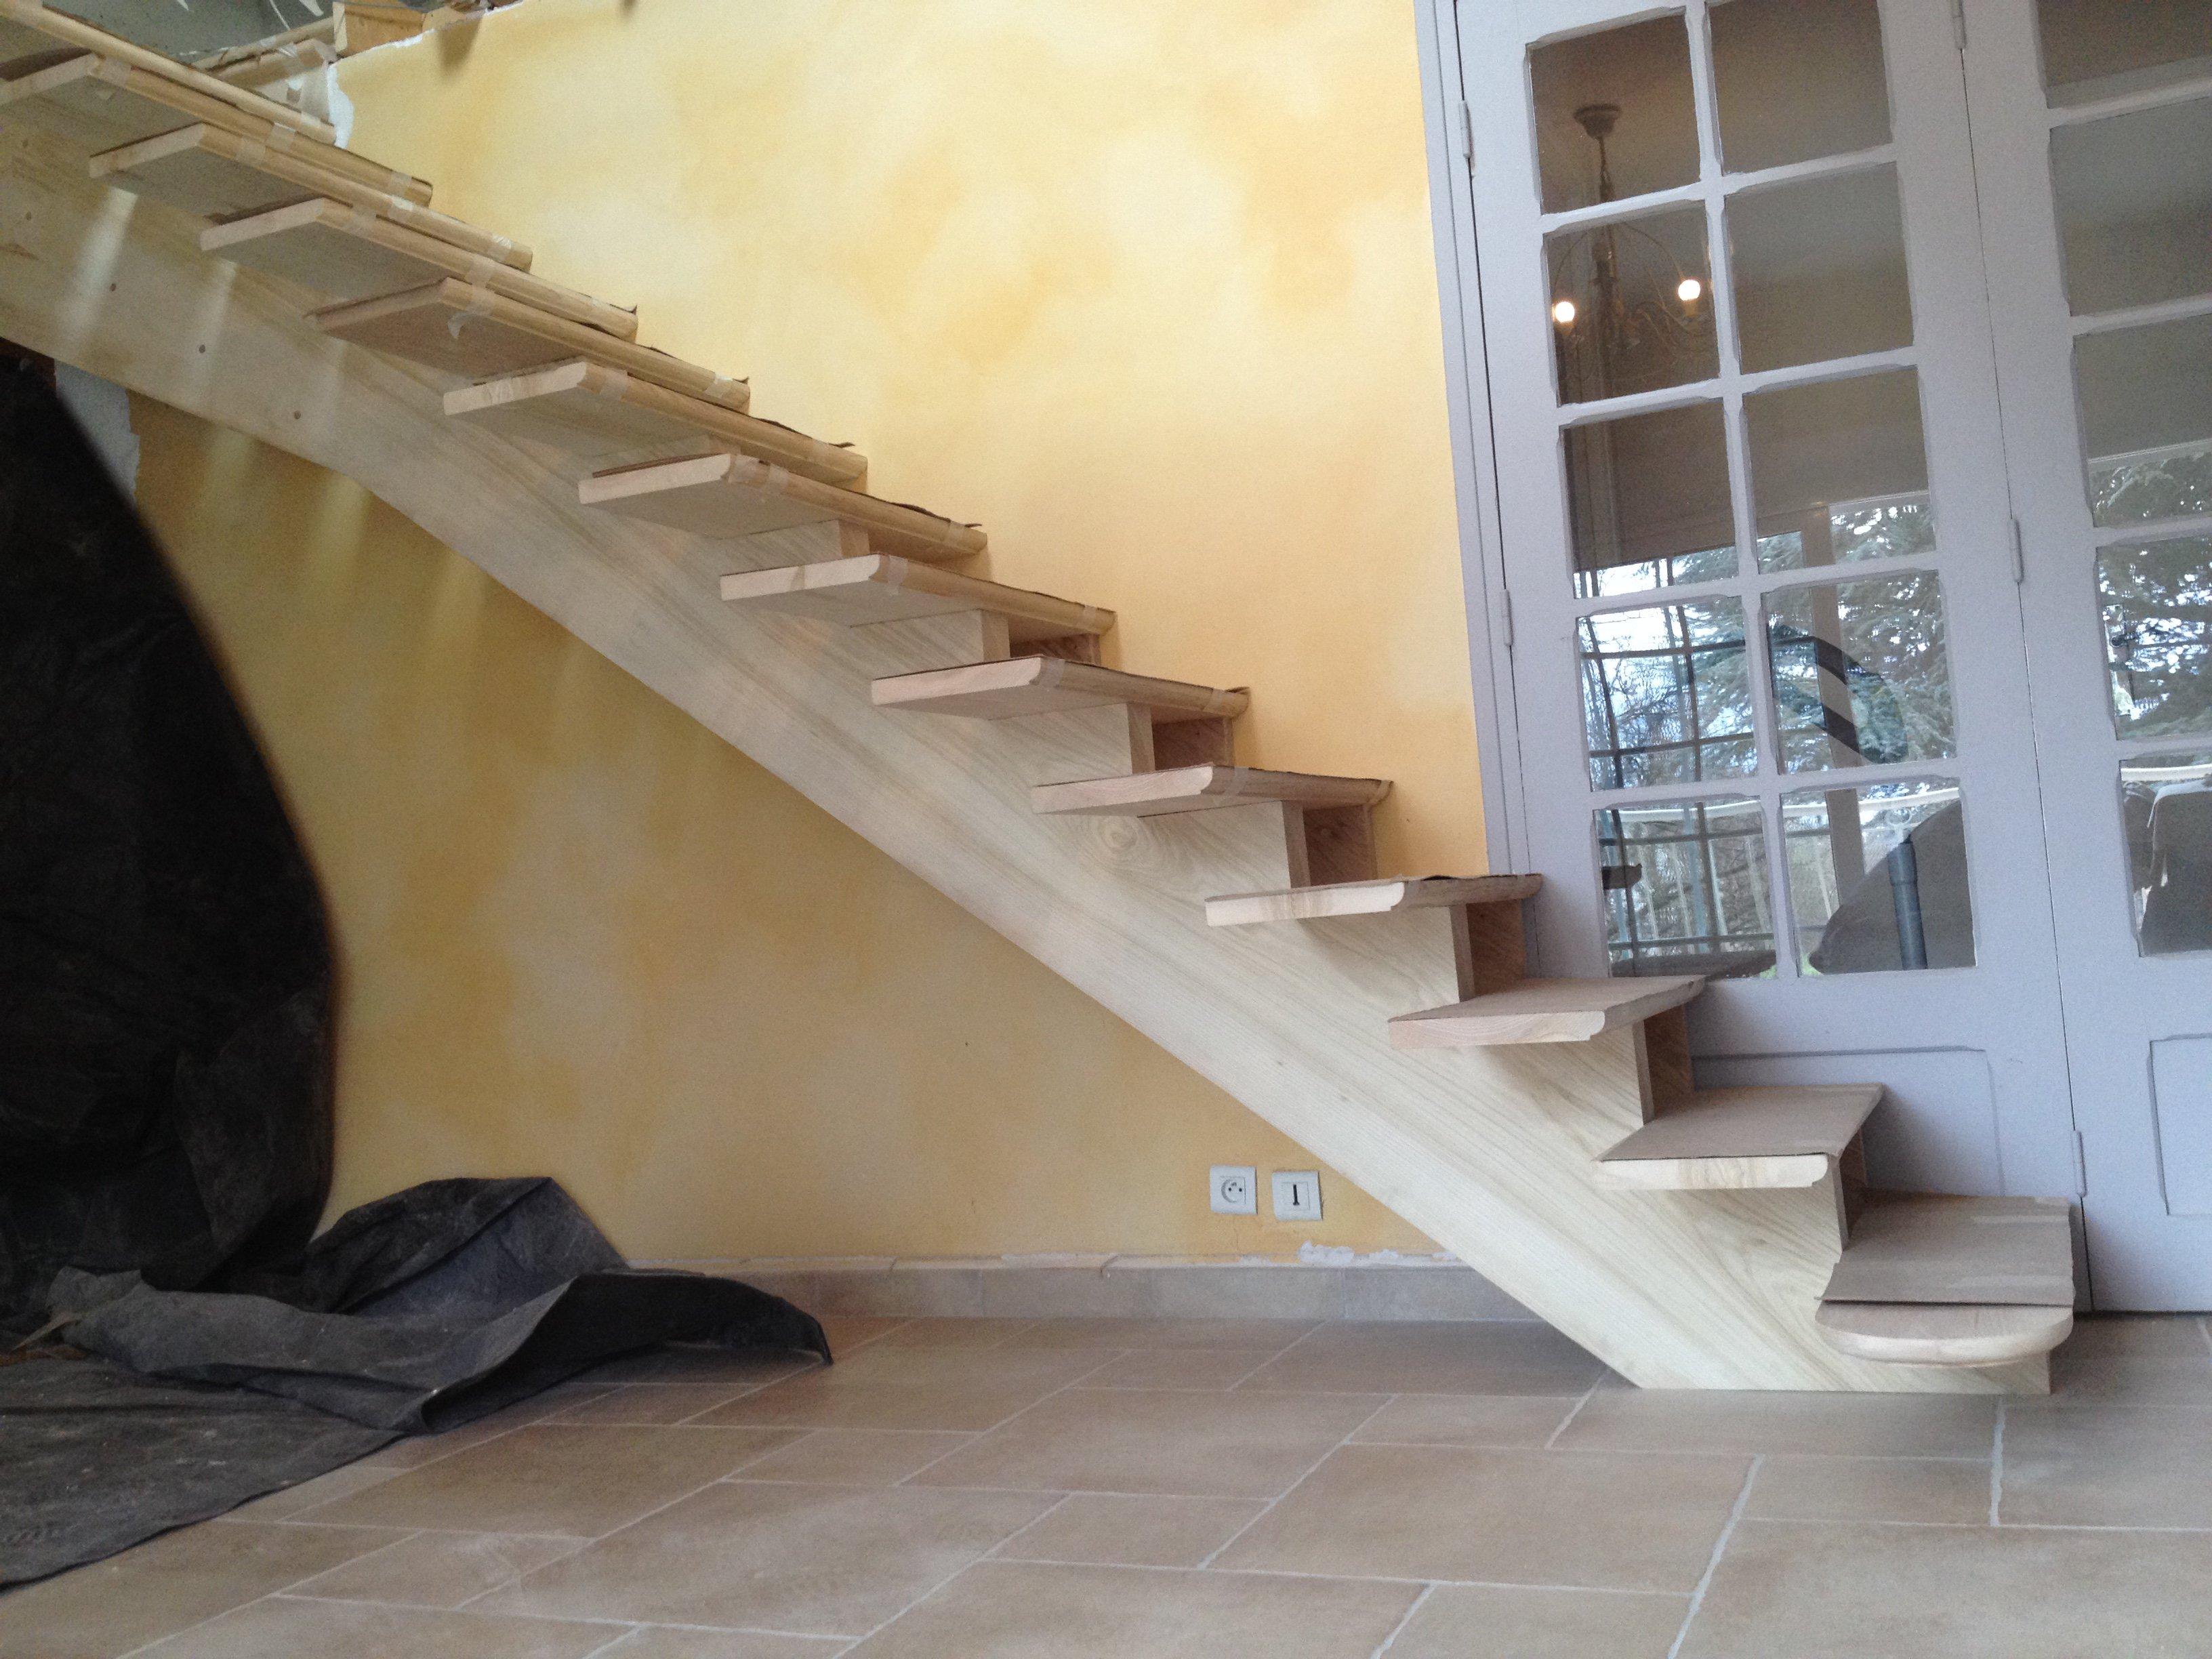 Escalier Droit Sans Rampe avec escalier - sarl beauné lamouret